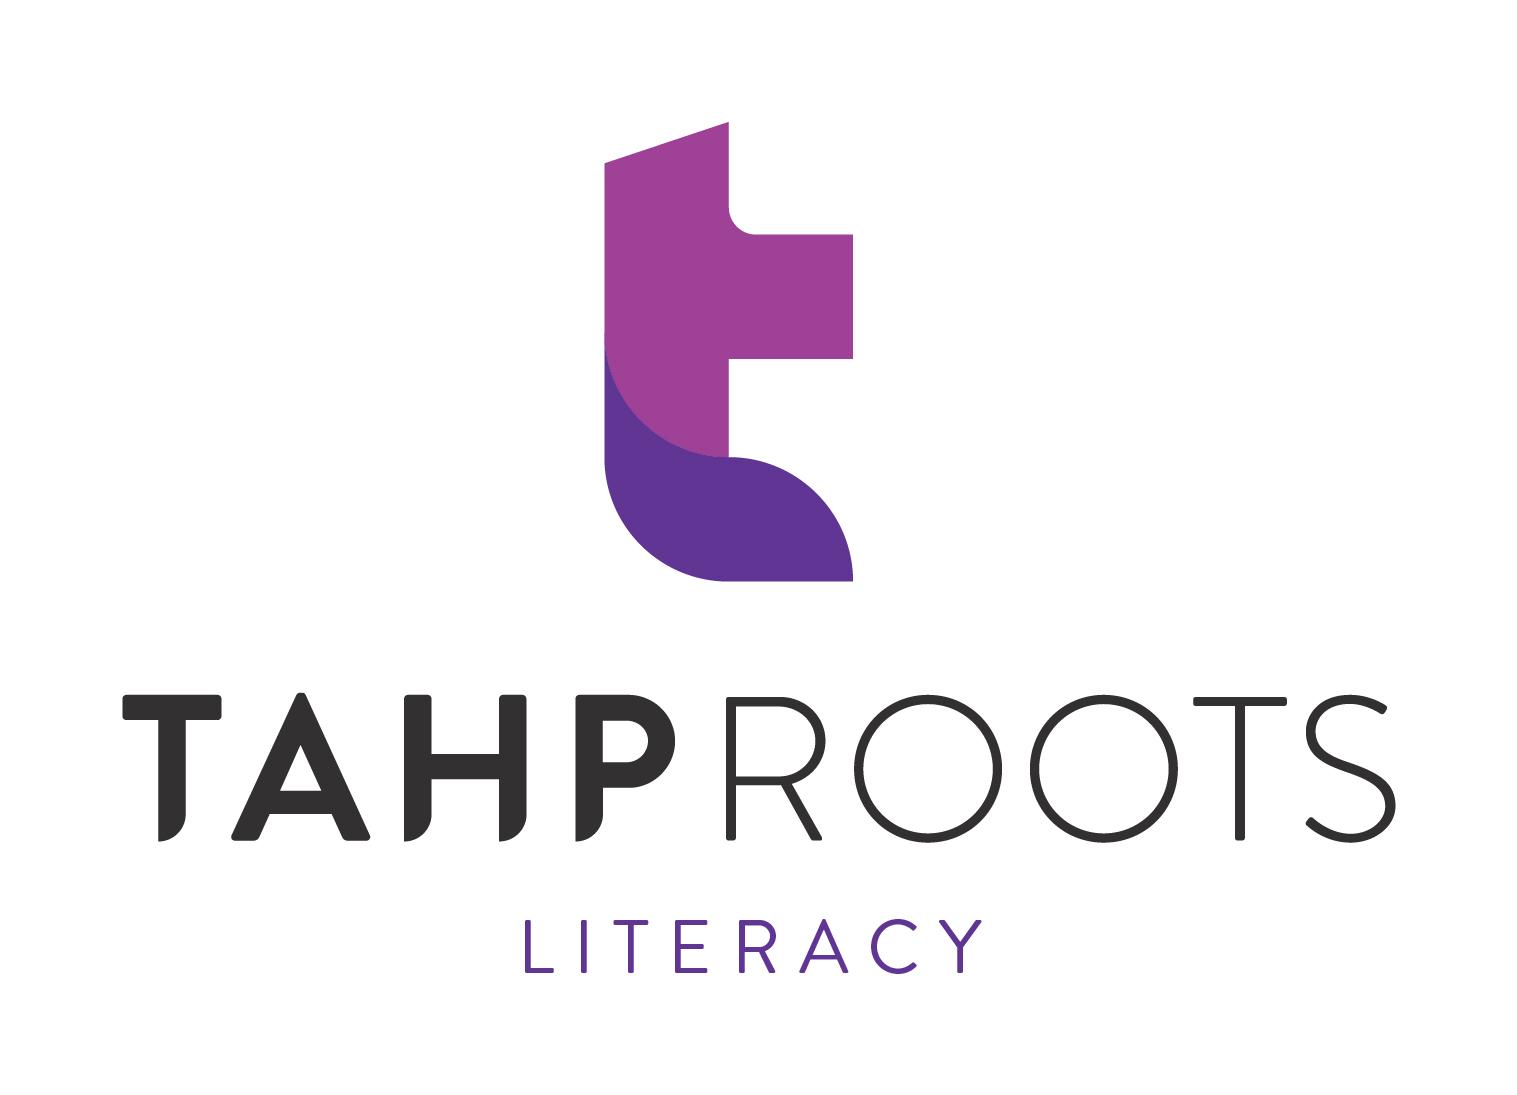 TAHP_Lockup_Literacy.jpg